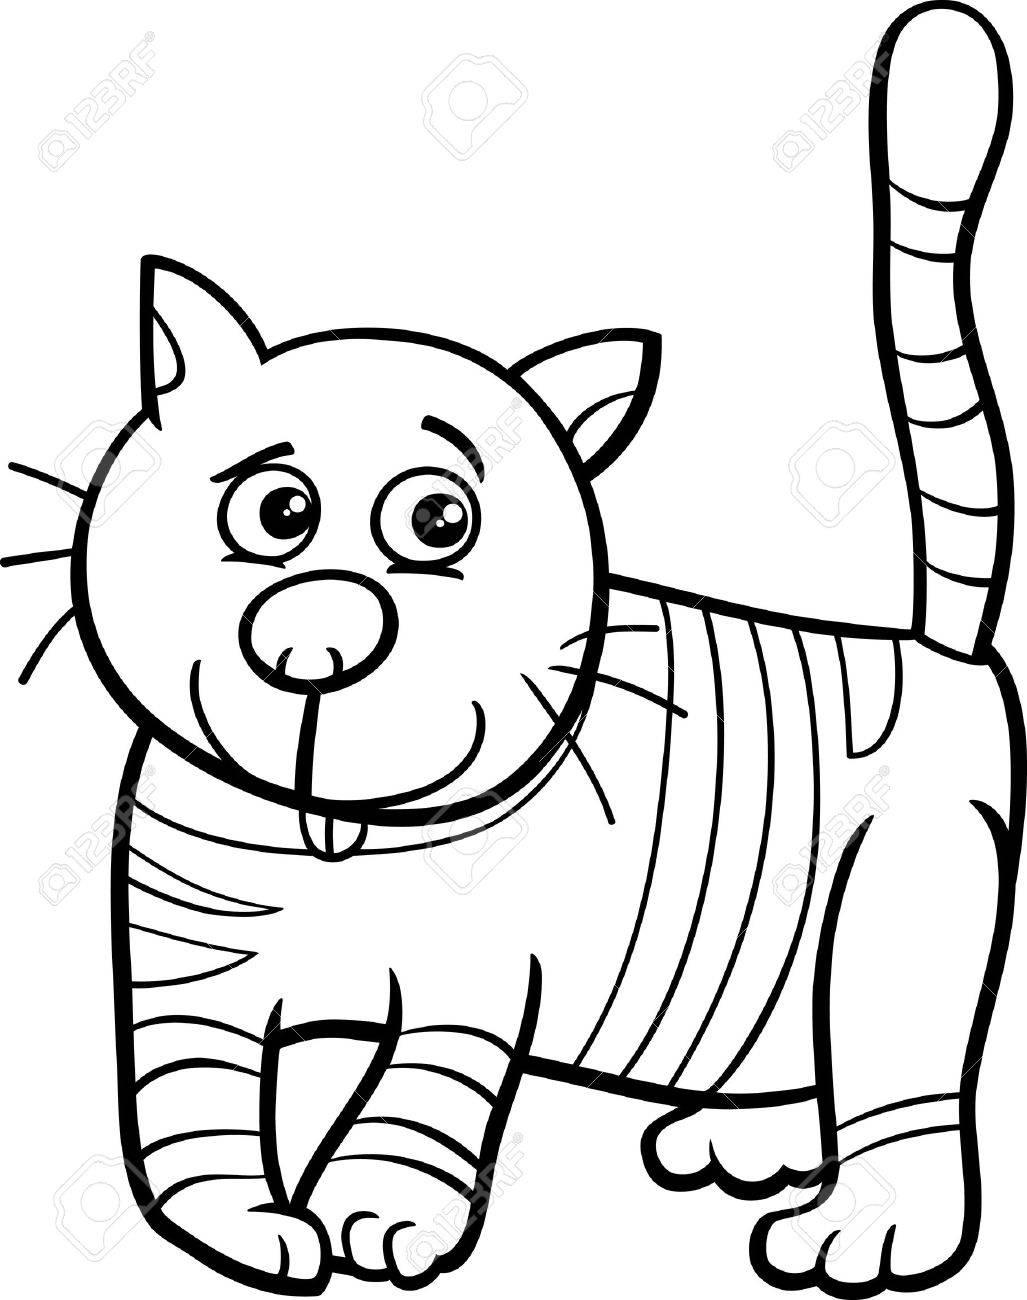 Beste Anatomie Der Katze Zeitgen Ssisch Menschliche Anatomie